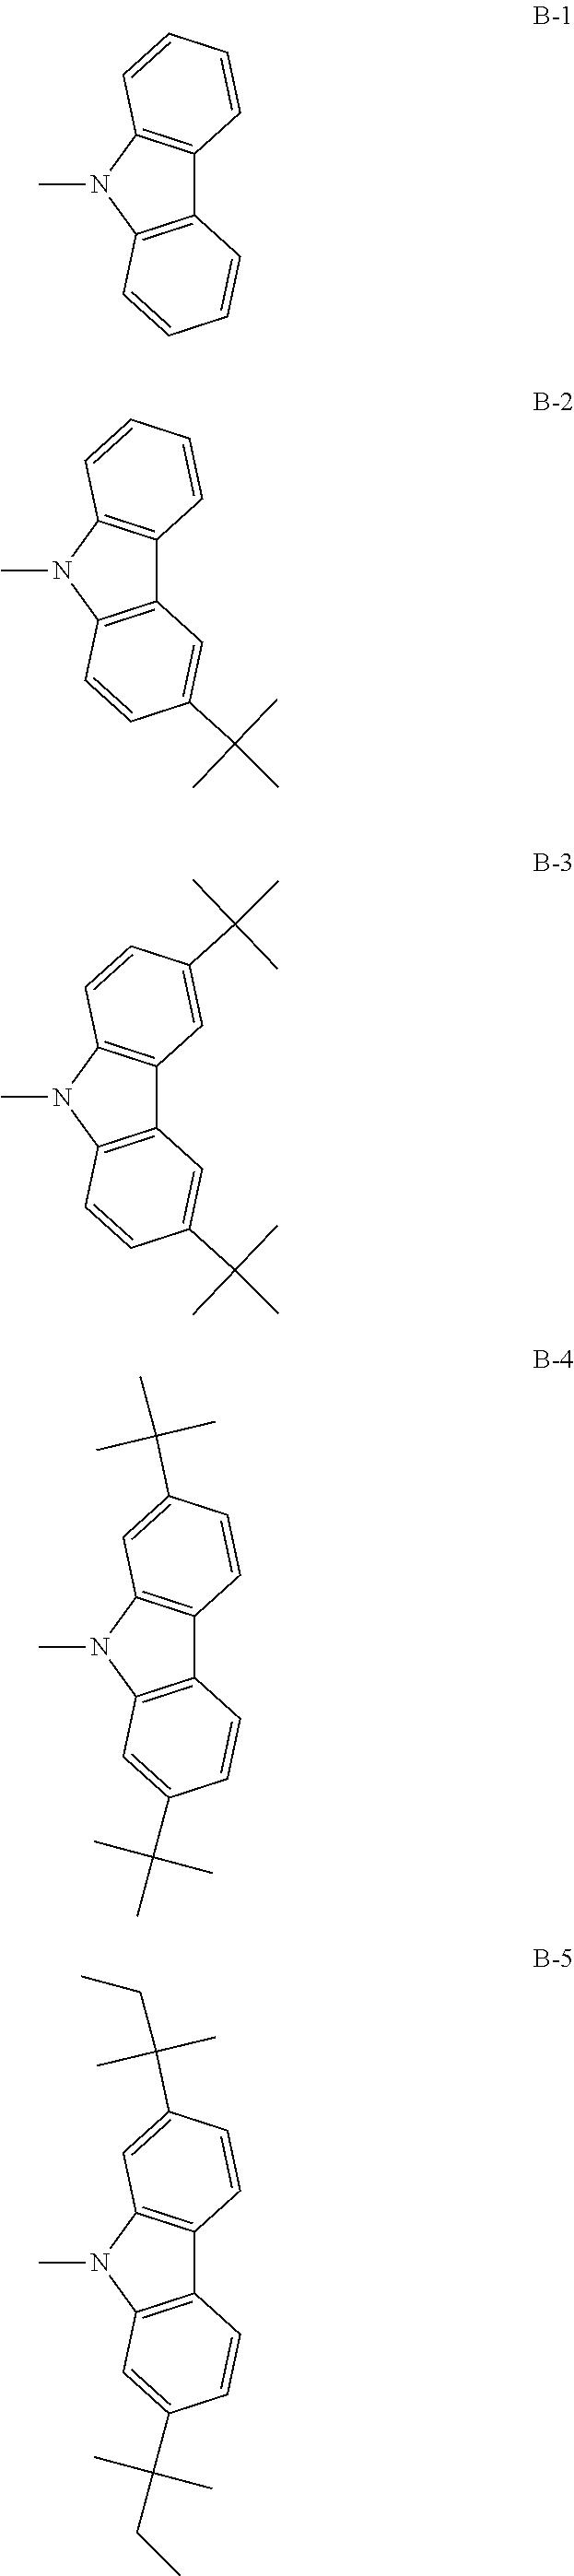 Figure US08847141-20140930-C00030